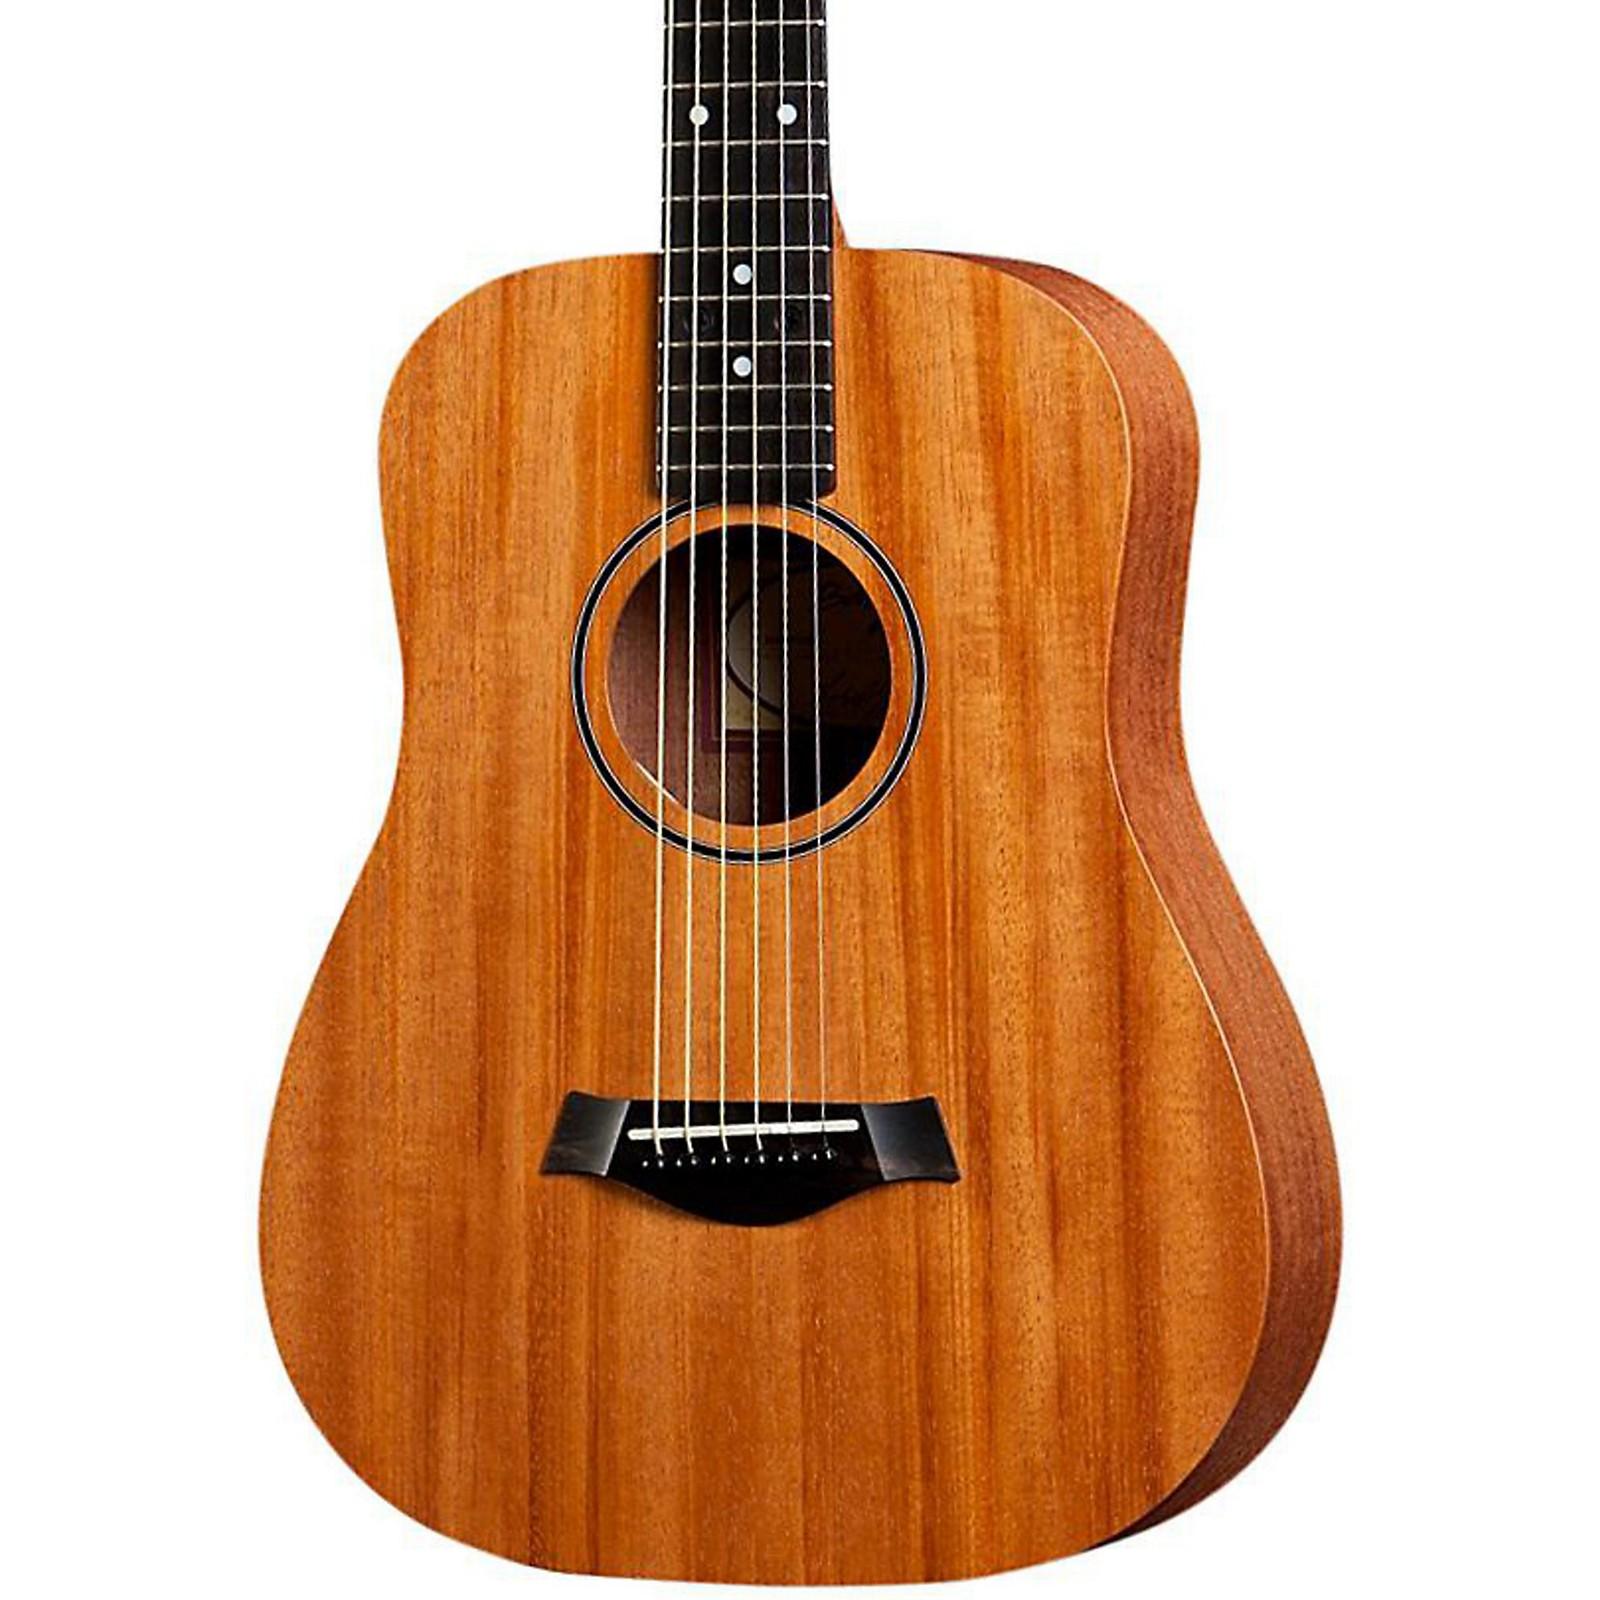 Taylor Baby Taylor Mahogany Acoustic Guitar Natural Guitar Center